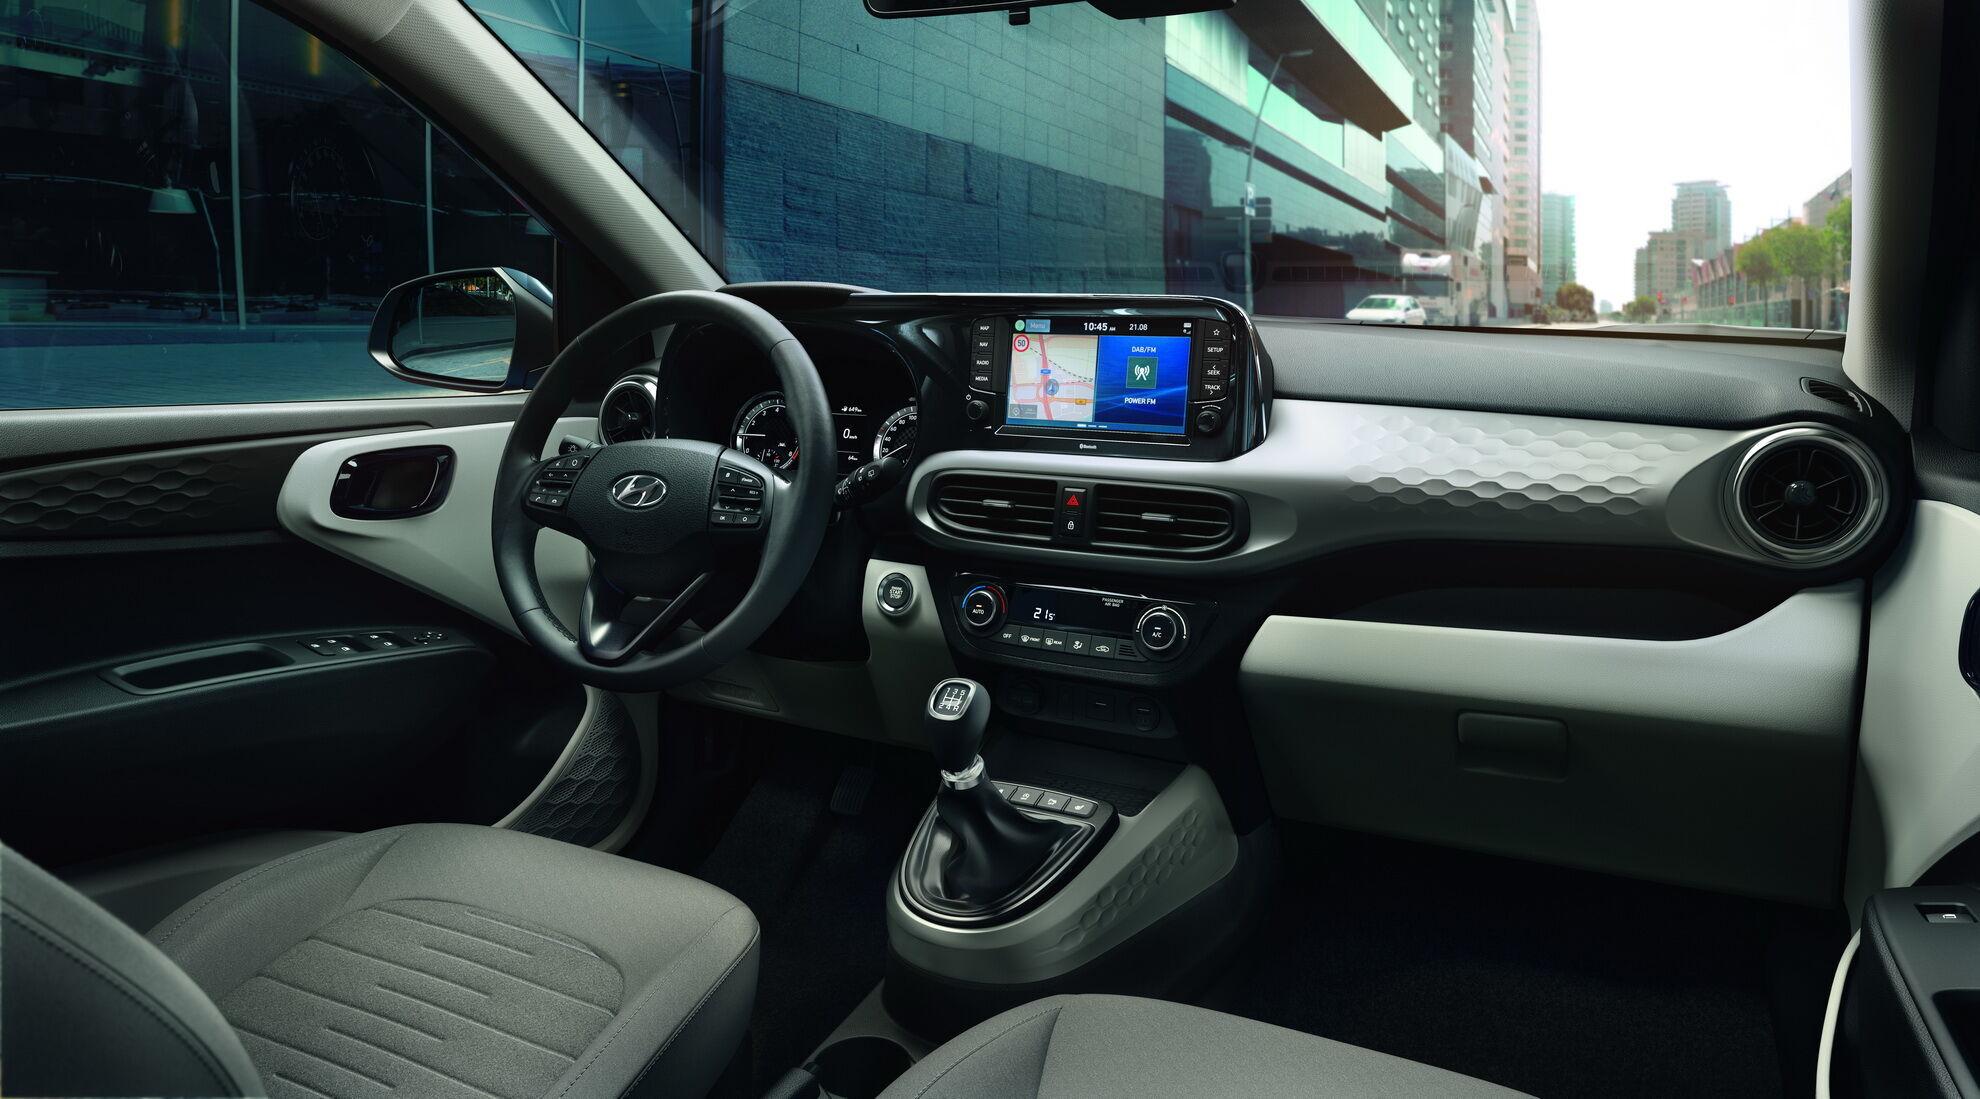 Приладова панель Hyundai i10